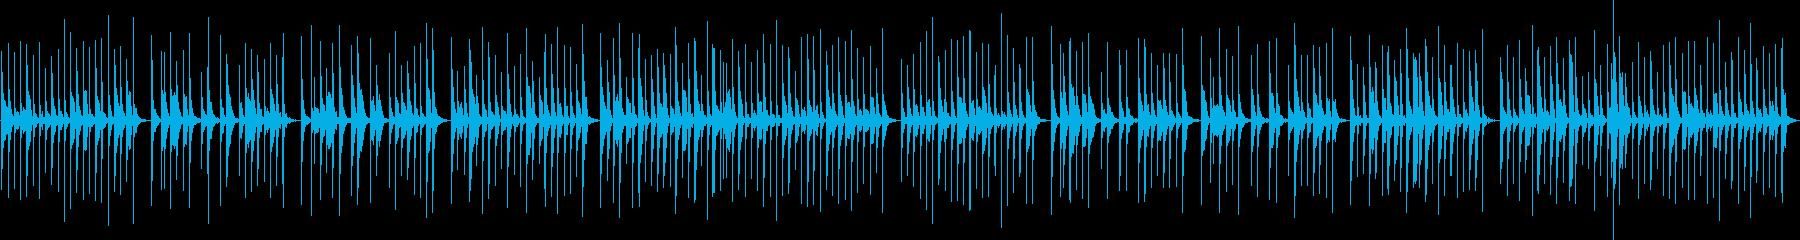 笛とカリンバのオーガニックな雰囲気の再生済みの波形